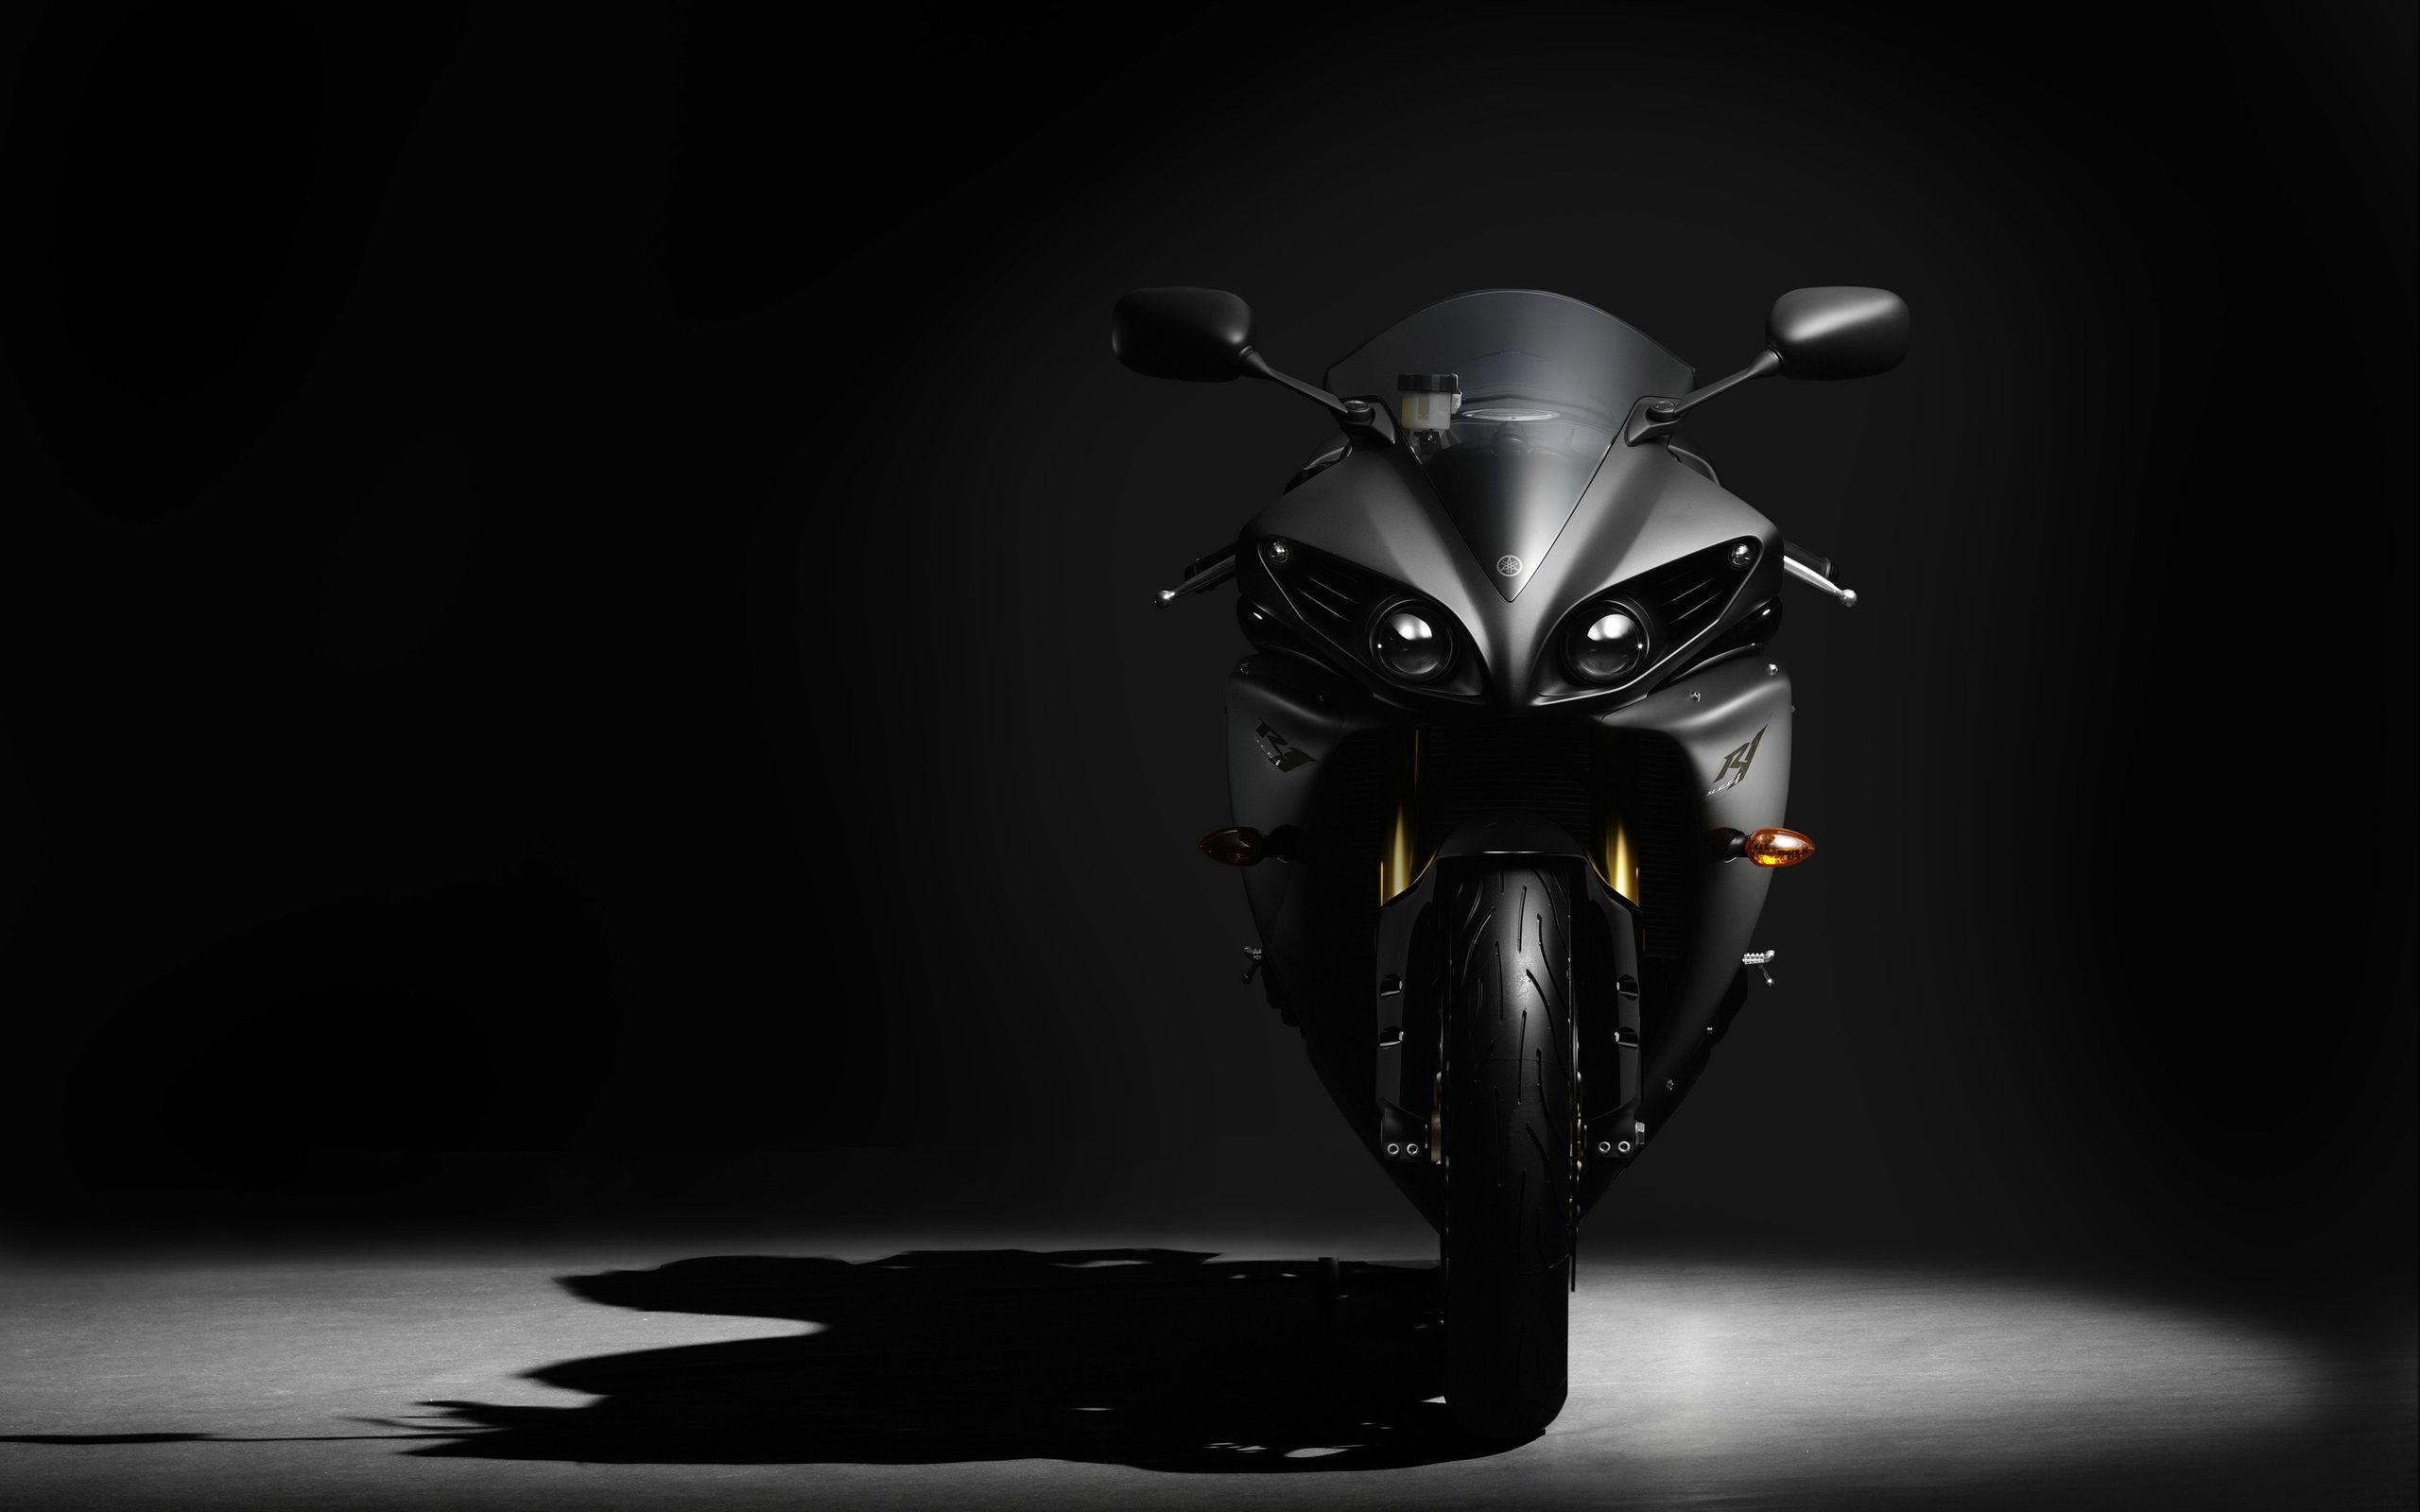 Google chrome themes yamaha - Yamaha Bike Hd Wallpapers Get Free Top Quality Yamaha Bike Hd Wallpapers For Your Desktop